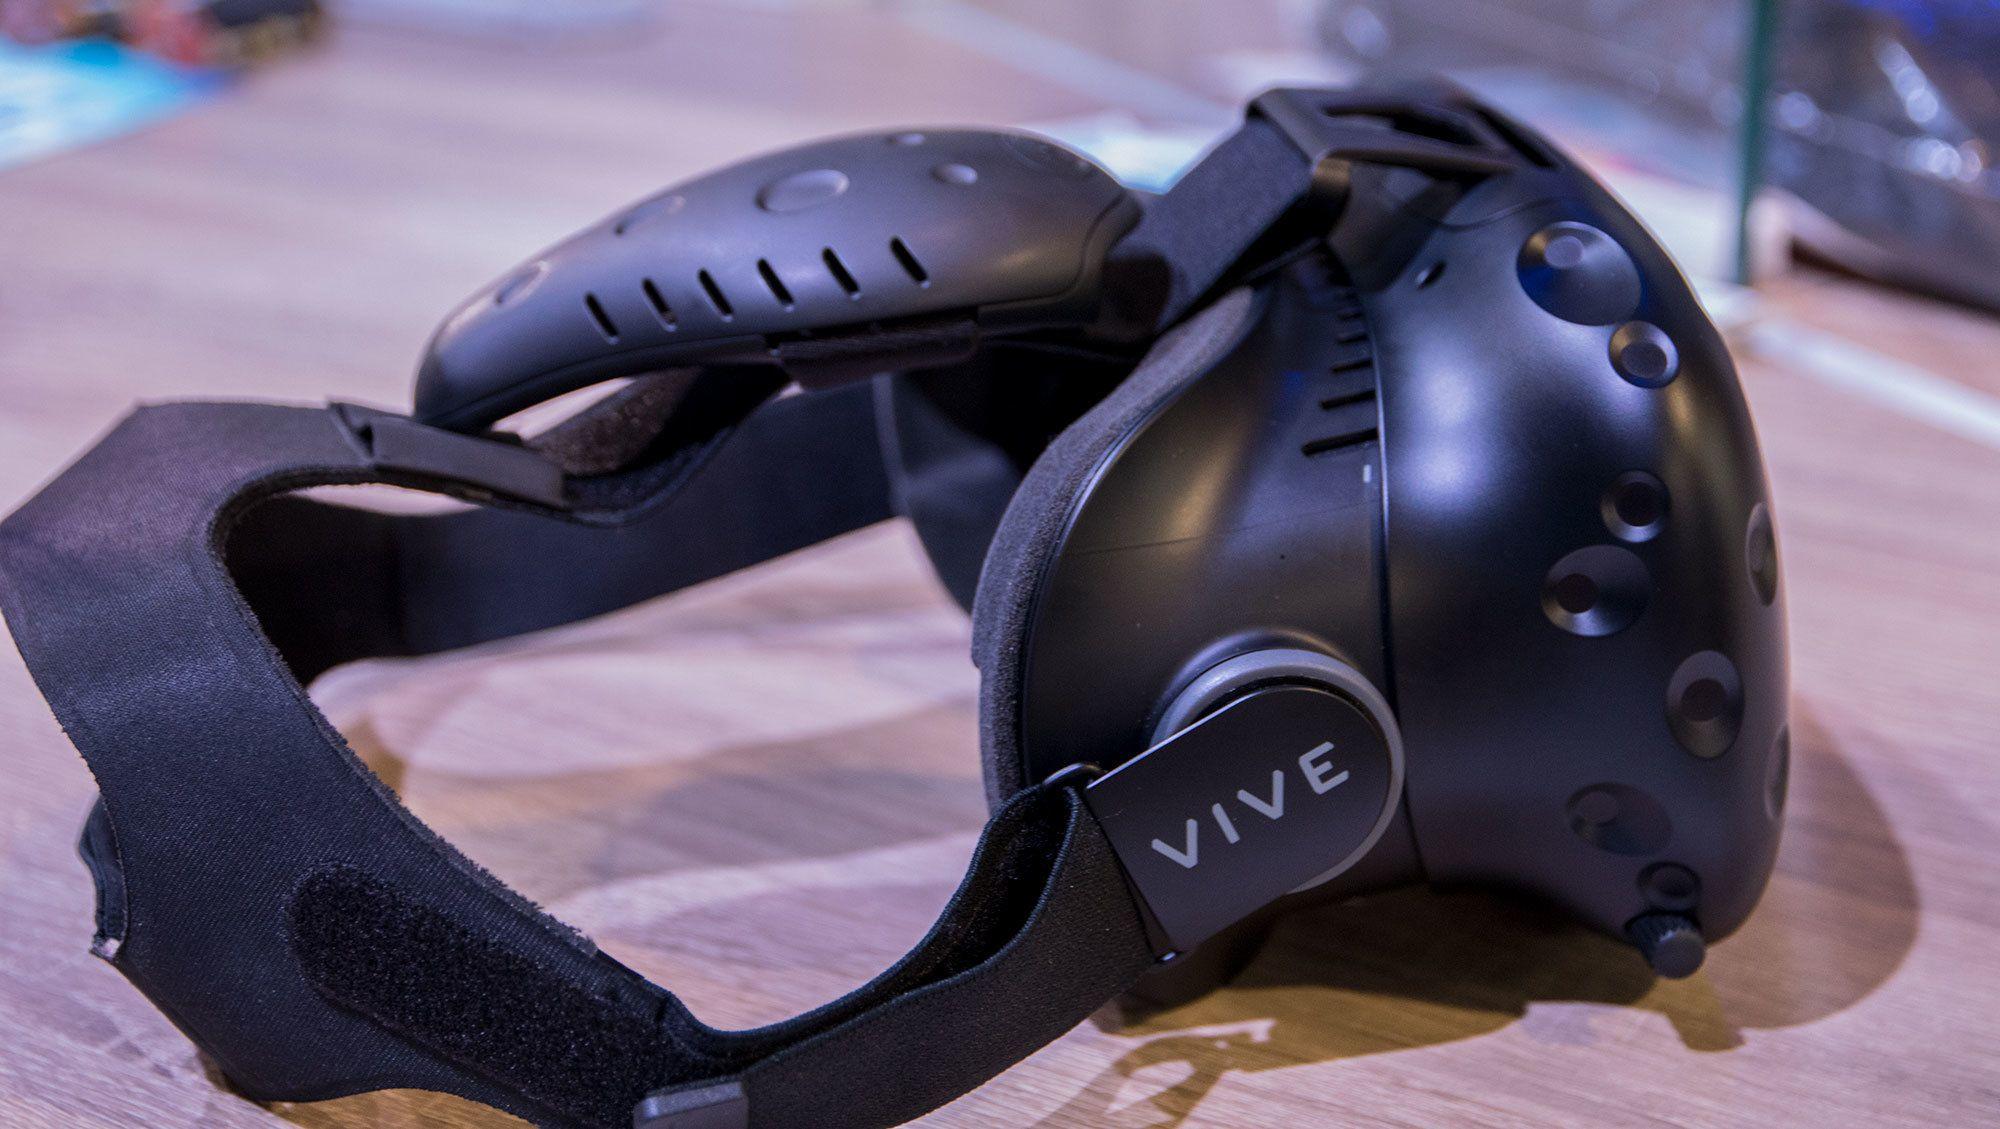 Kanskje vi får se trådløse HTC Vive-briller i år? Bilde: Niklas Plikk, Tek.no